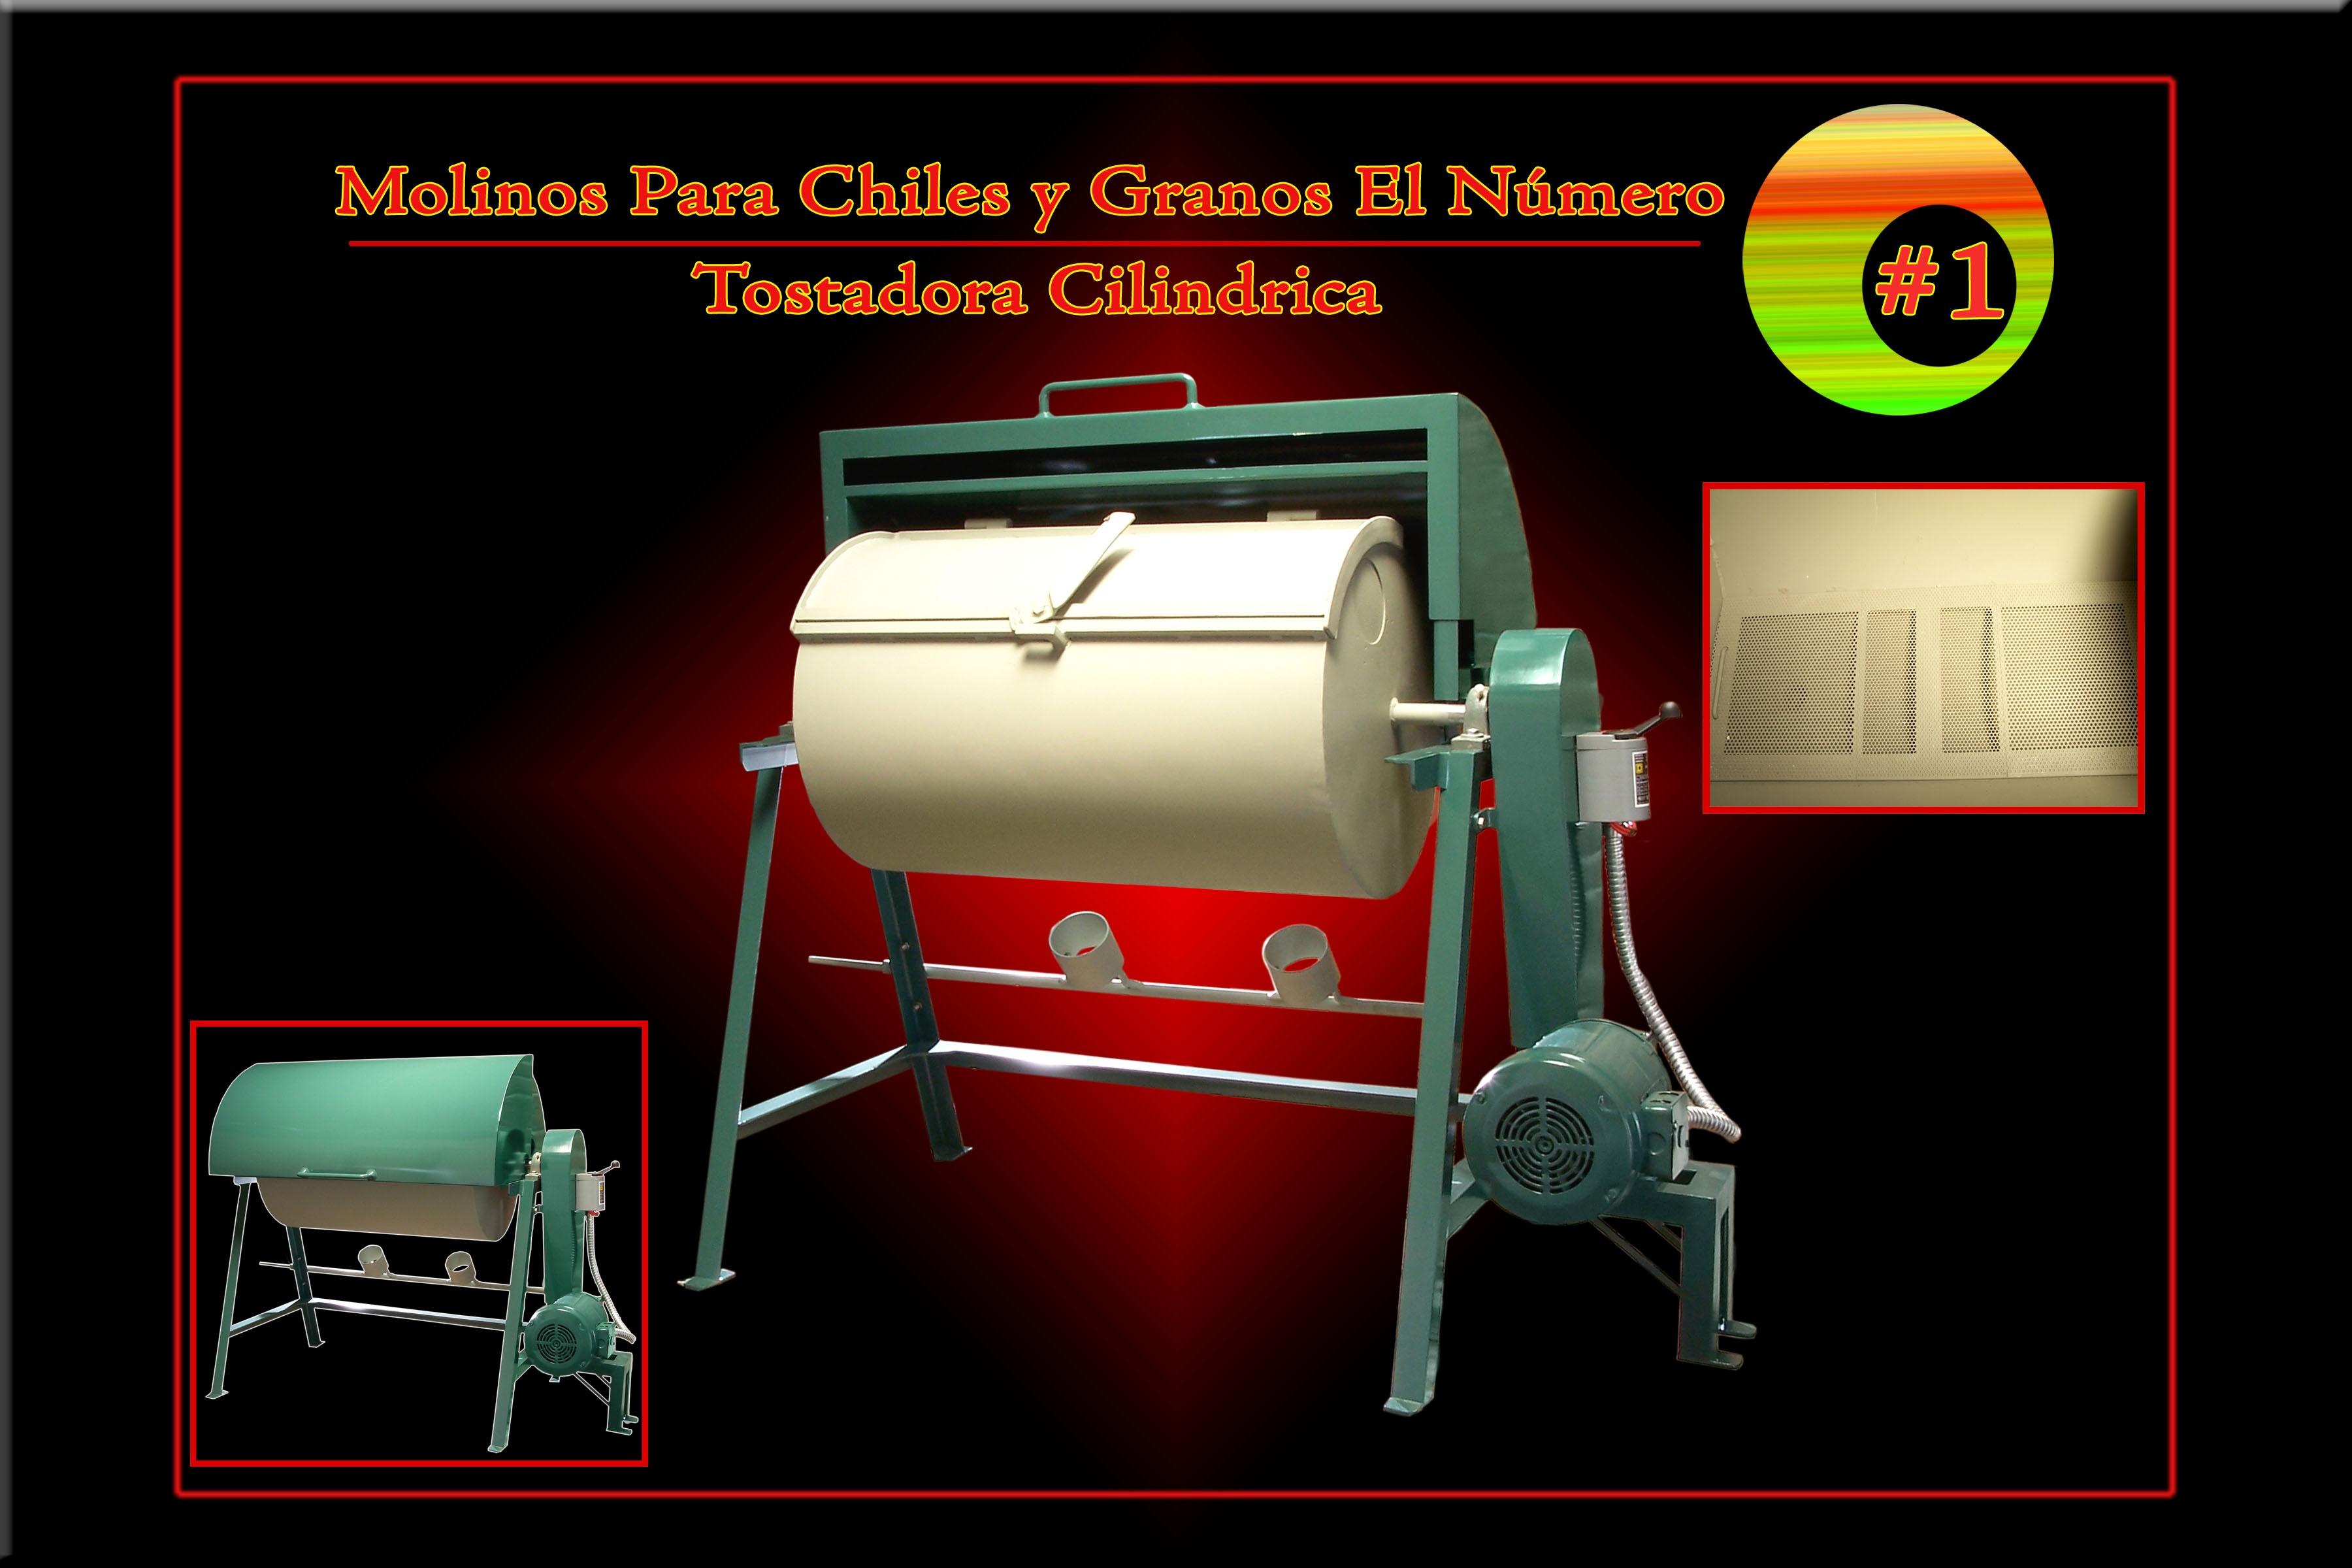 https://0201.nccdn.net/1_2/000/000/192/e64/Tostadora-Cilindrica-3600x2400.jpg